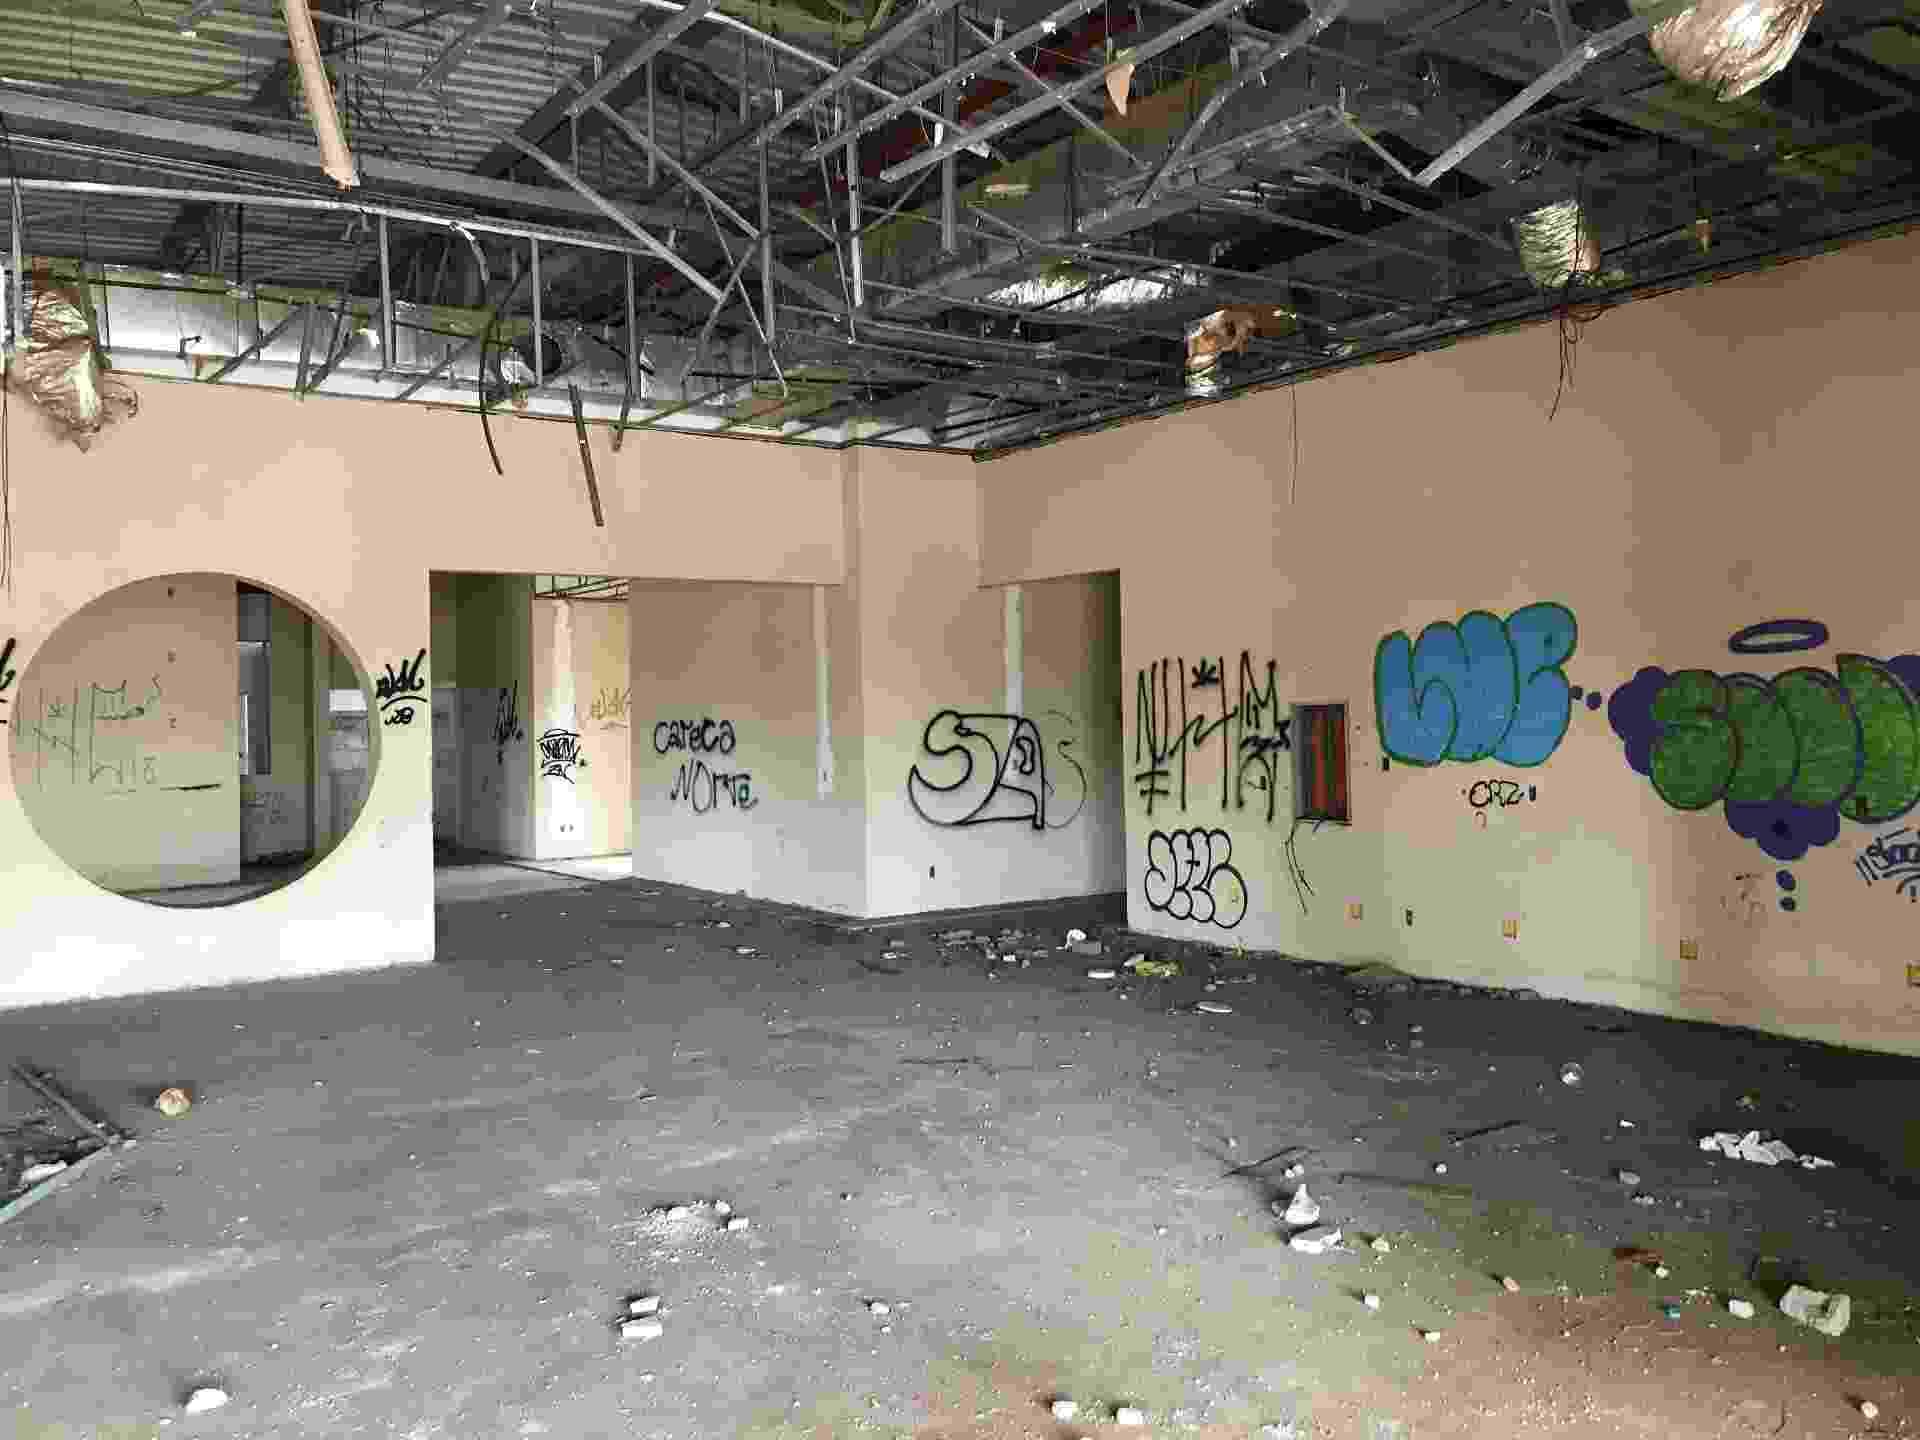 Espaço que seria usado como centro gastronômico, vizinho a um dos estúdios de cinema em Paulínia - Matheus Pichonelli/UOL